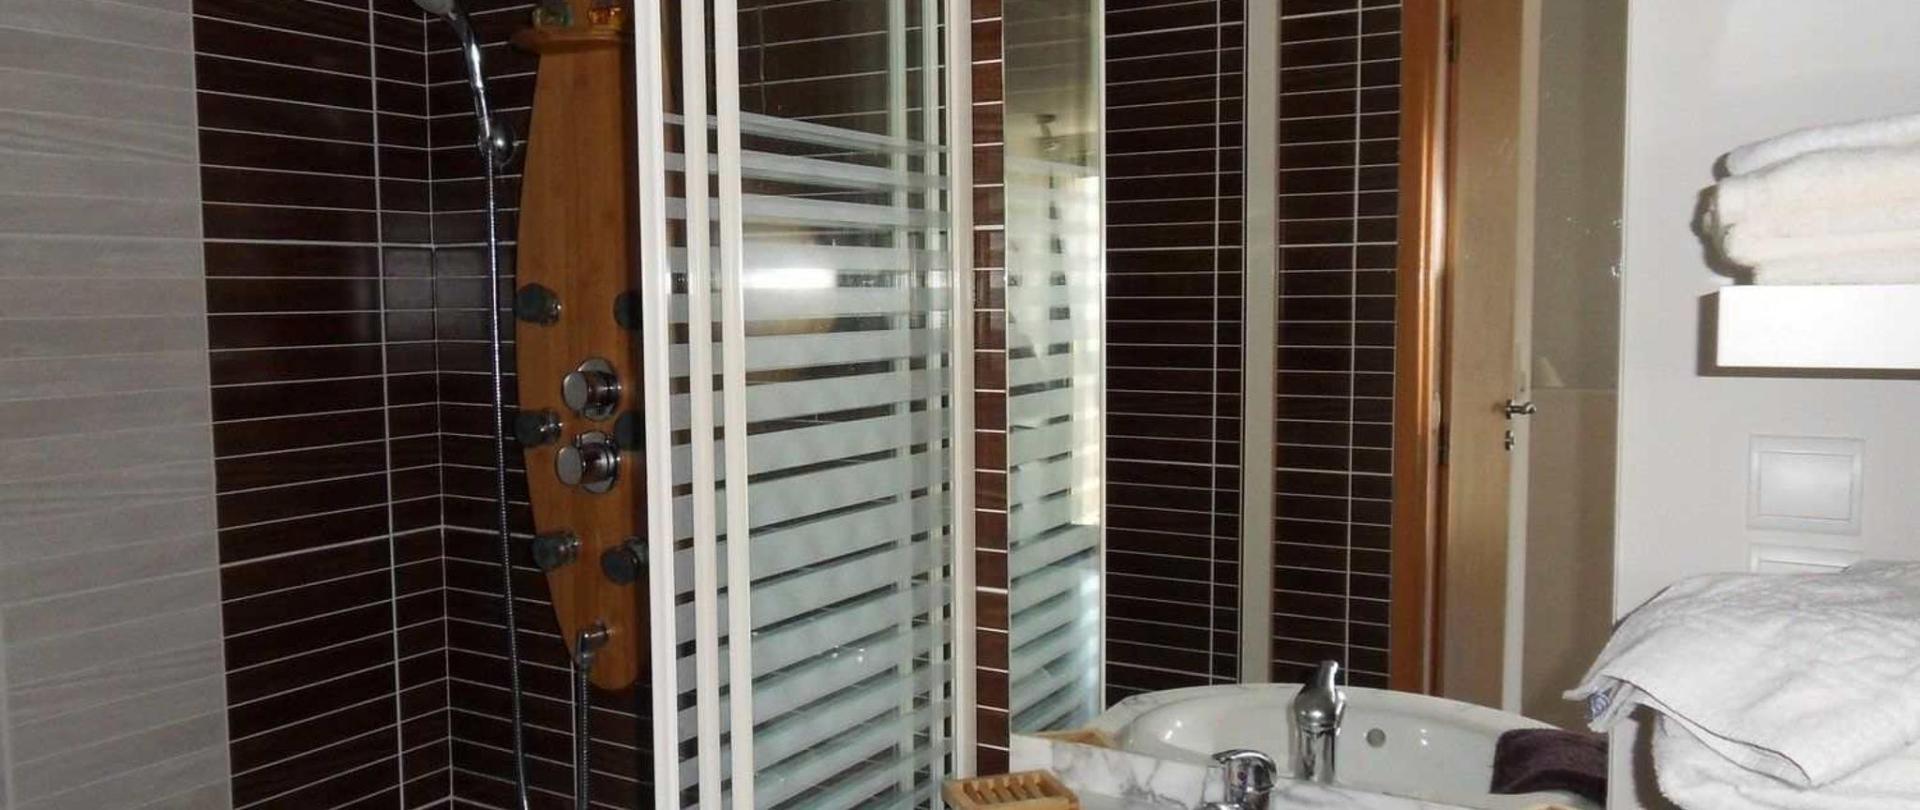 salle-d-eau-monts-de-vaucluse-avec-douche-jets-3-1.jpg